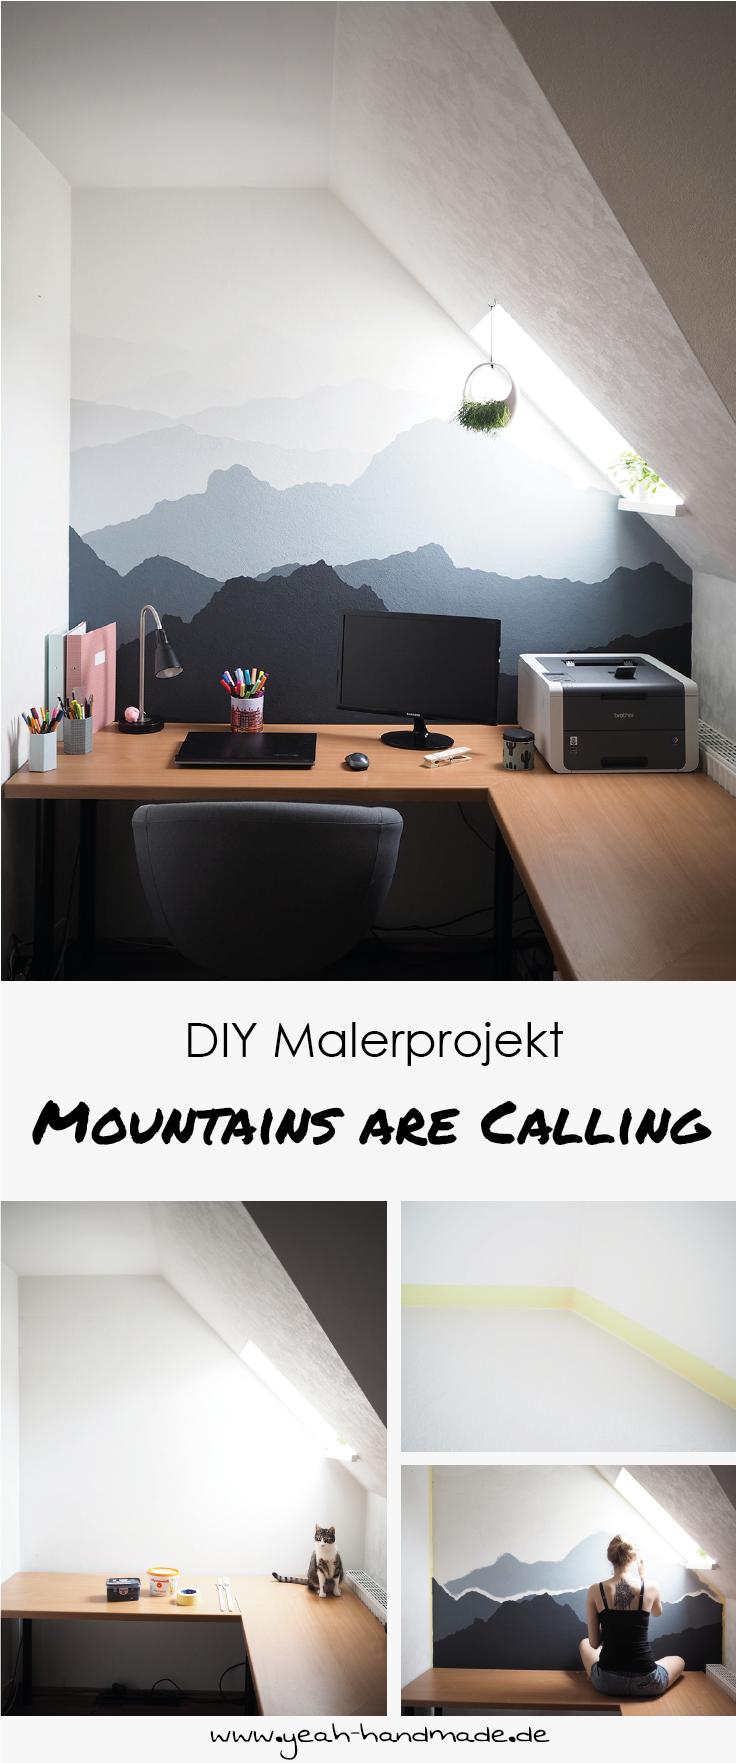 diy malerprojekt mountains are calling diy deko wohnen pinterest wohnen haus und. Black Bedroom Furniture Sets. Home Design Ideas